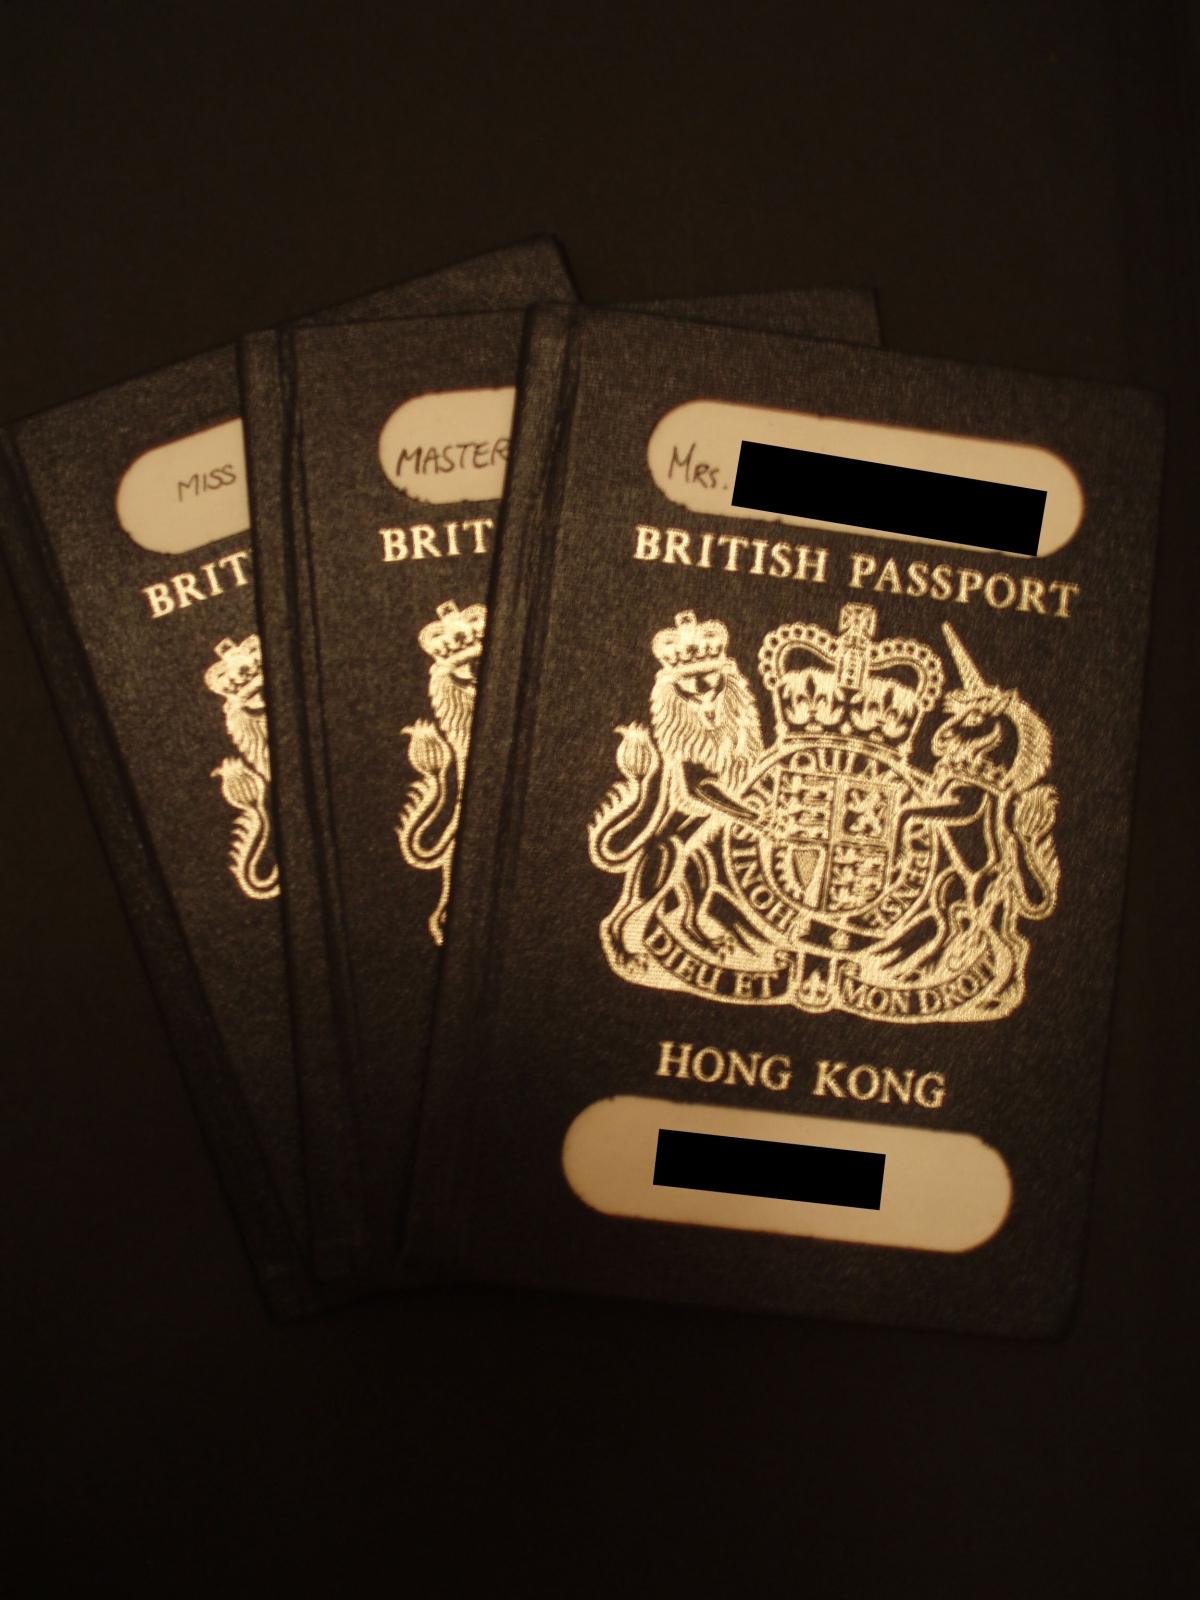 China won't consider UK-issued Hong Kong passports